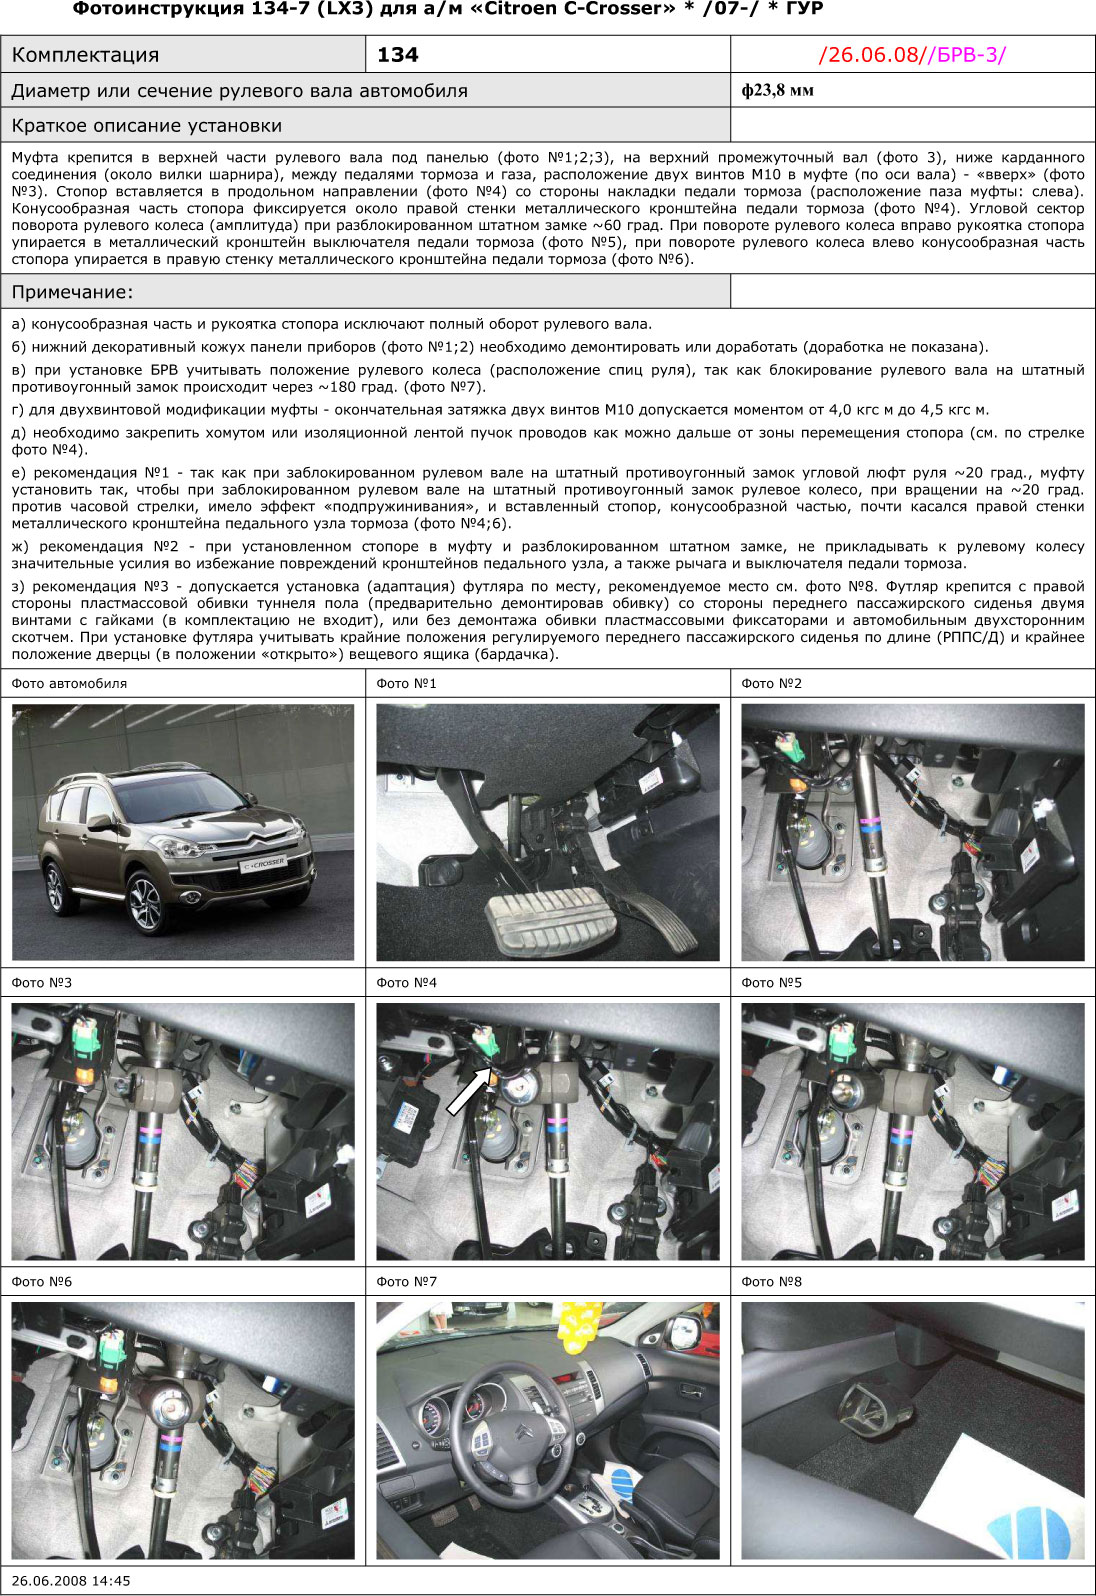 Блокиратор рулевого вала для CITROEN C-CROSSER /2007-/ ГУР - Гарант Блок Люкс 134.E